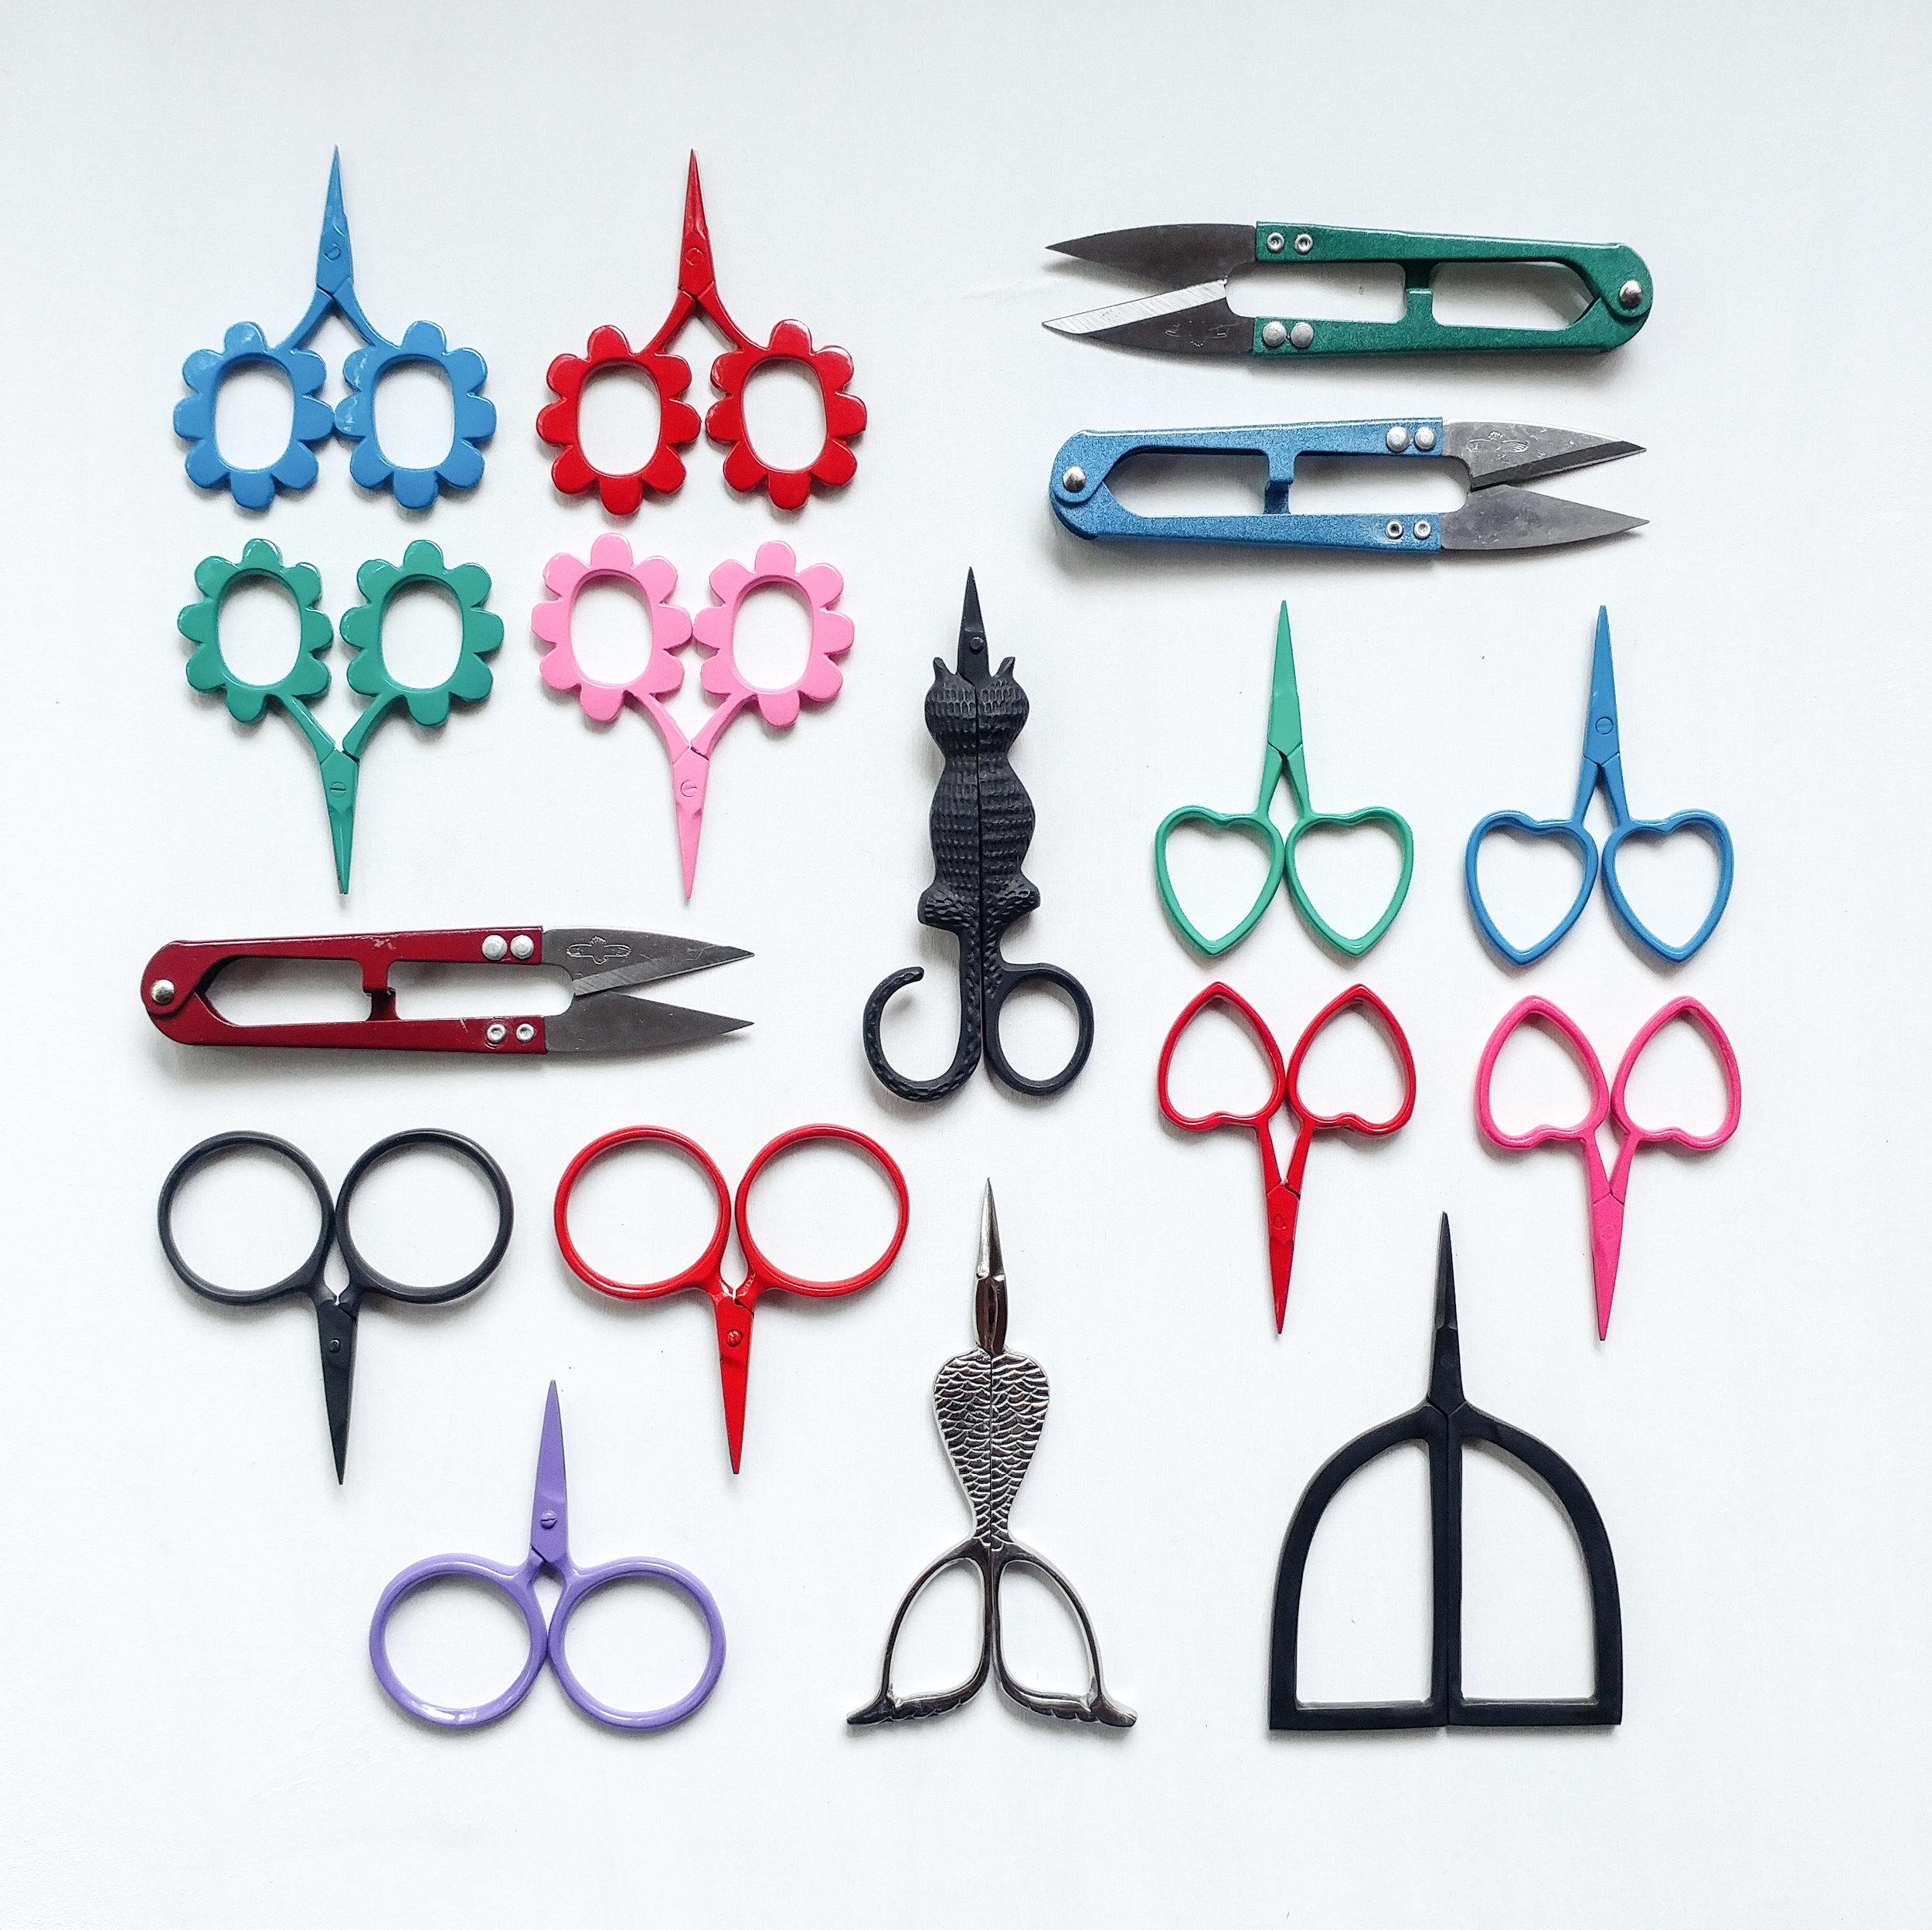 scissors_all.jpg